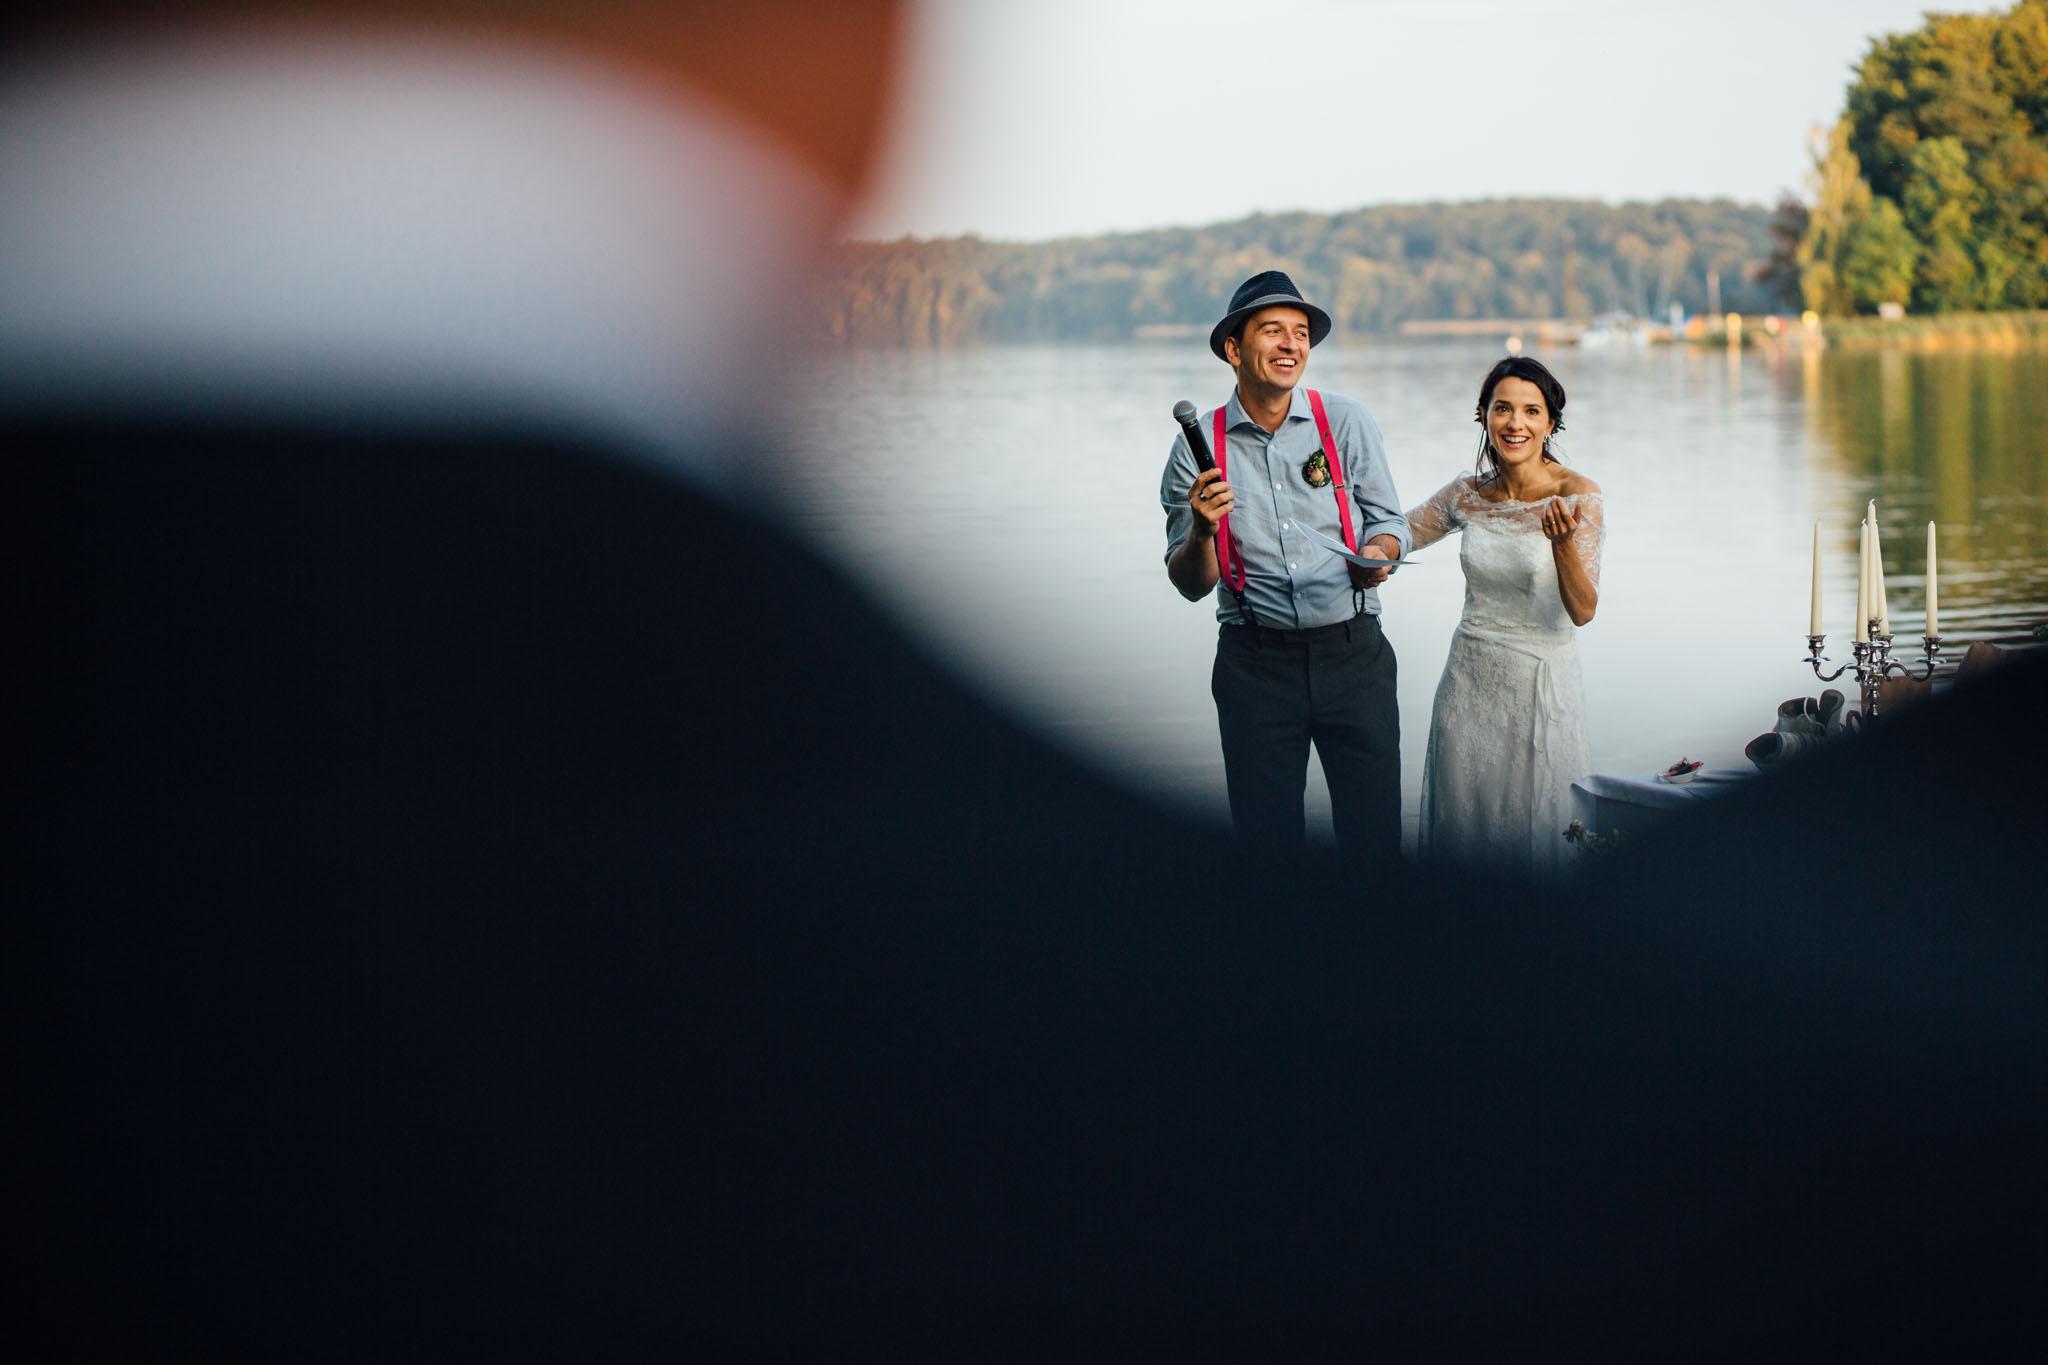 hochzeitsreportage-brandenburg-braut-bräutigam-ansprache-werbellinsee